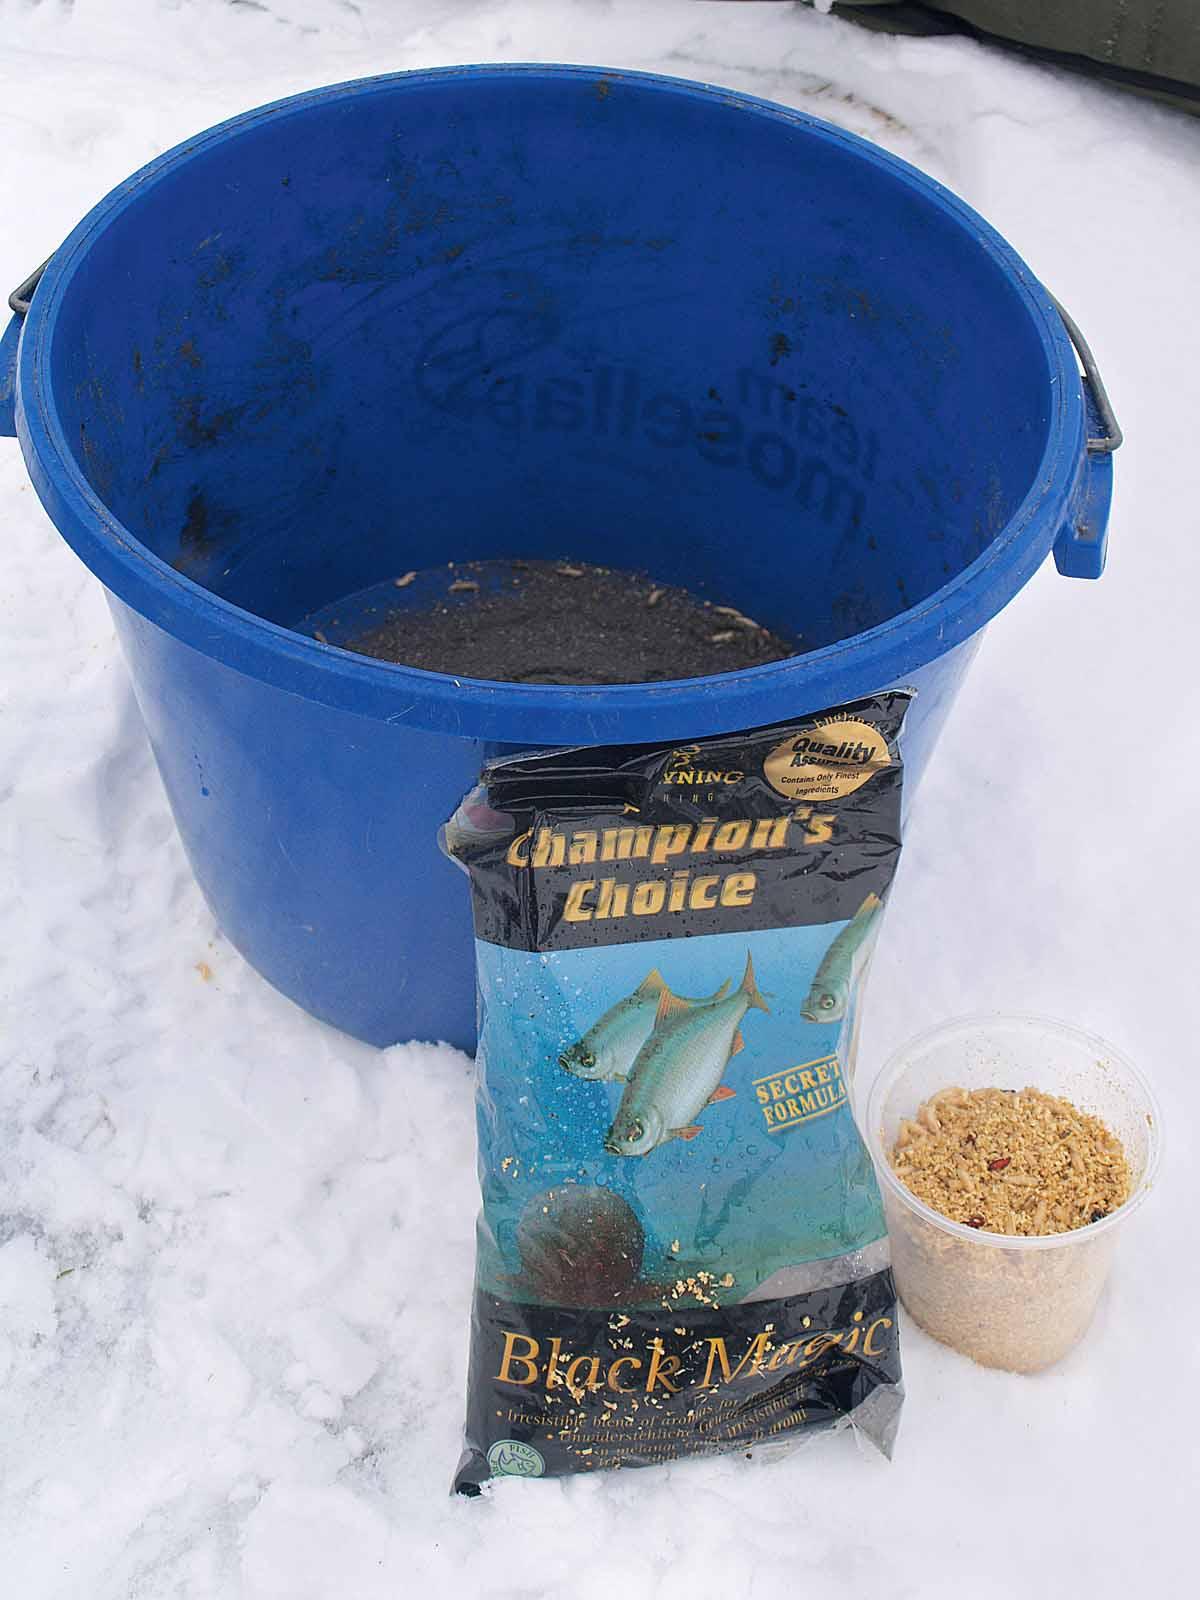 Beim Friedfischangeln im Winter ist leichtes Gepäck angesagt: ein Futtereimer mit dunklem Futter sowie ein halber Liter Maden reichen völlig aus. Foto: A. Pawlitzki